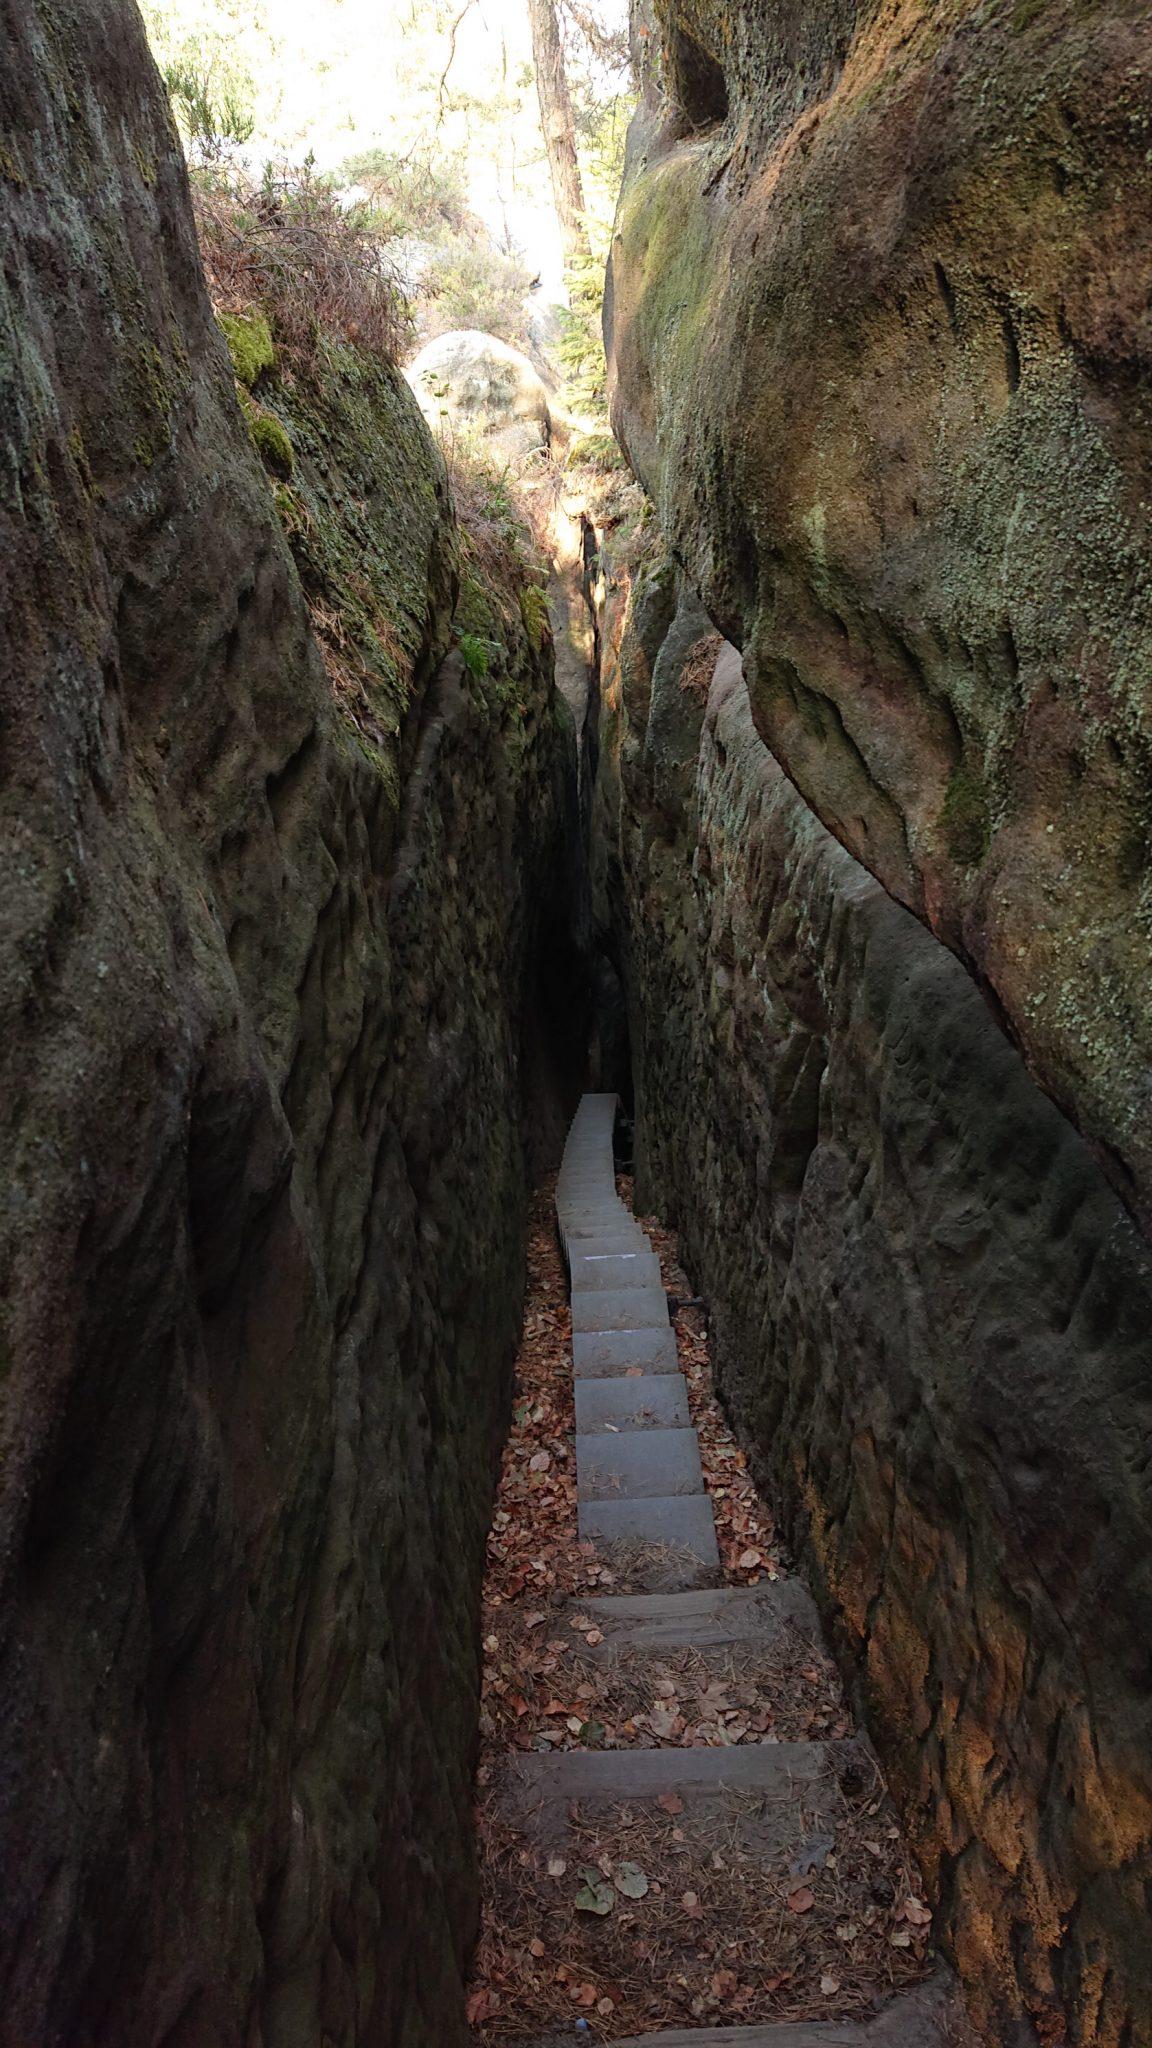 Wanderung zum Kuhstall im Kirnitzschtal, vom Kuhstall Möglichkeit über schmale Himmelsleiter weiter zu wandern und weitere schöne Aussichten